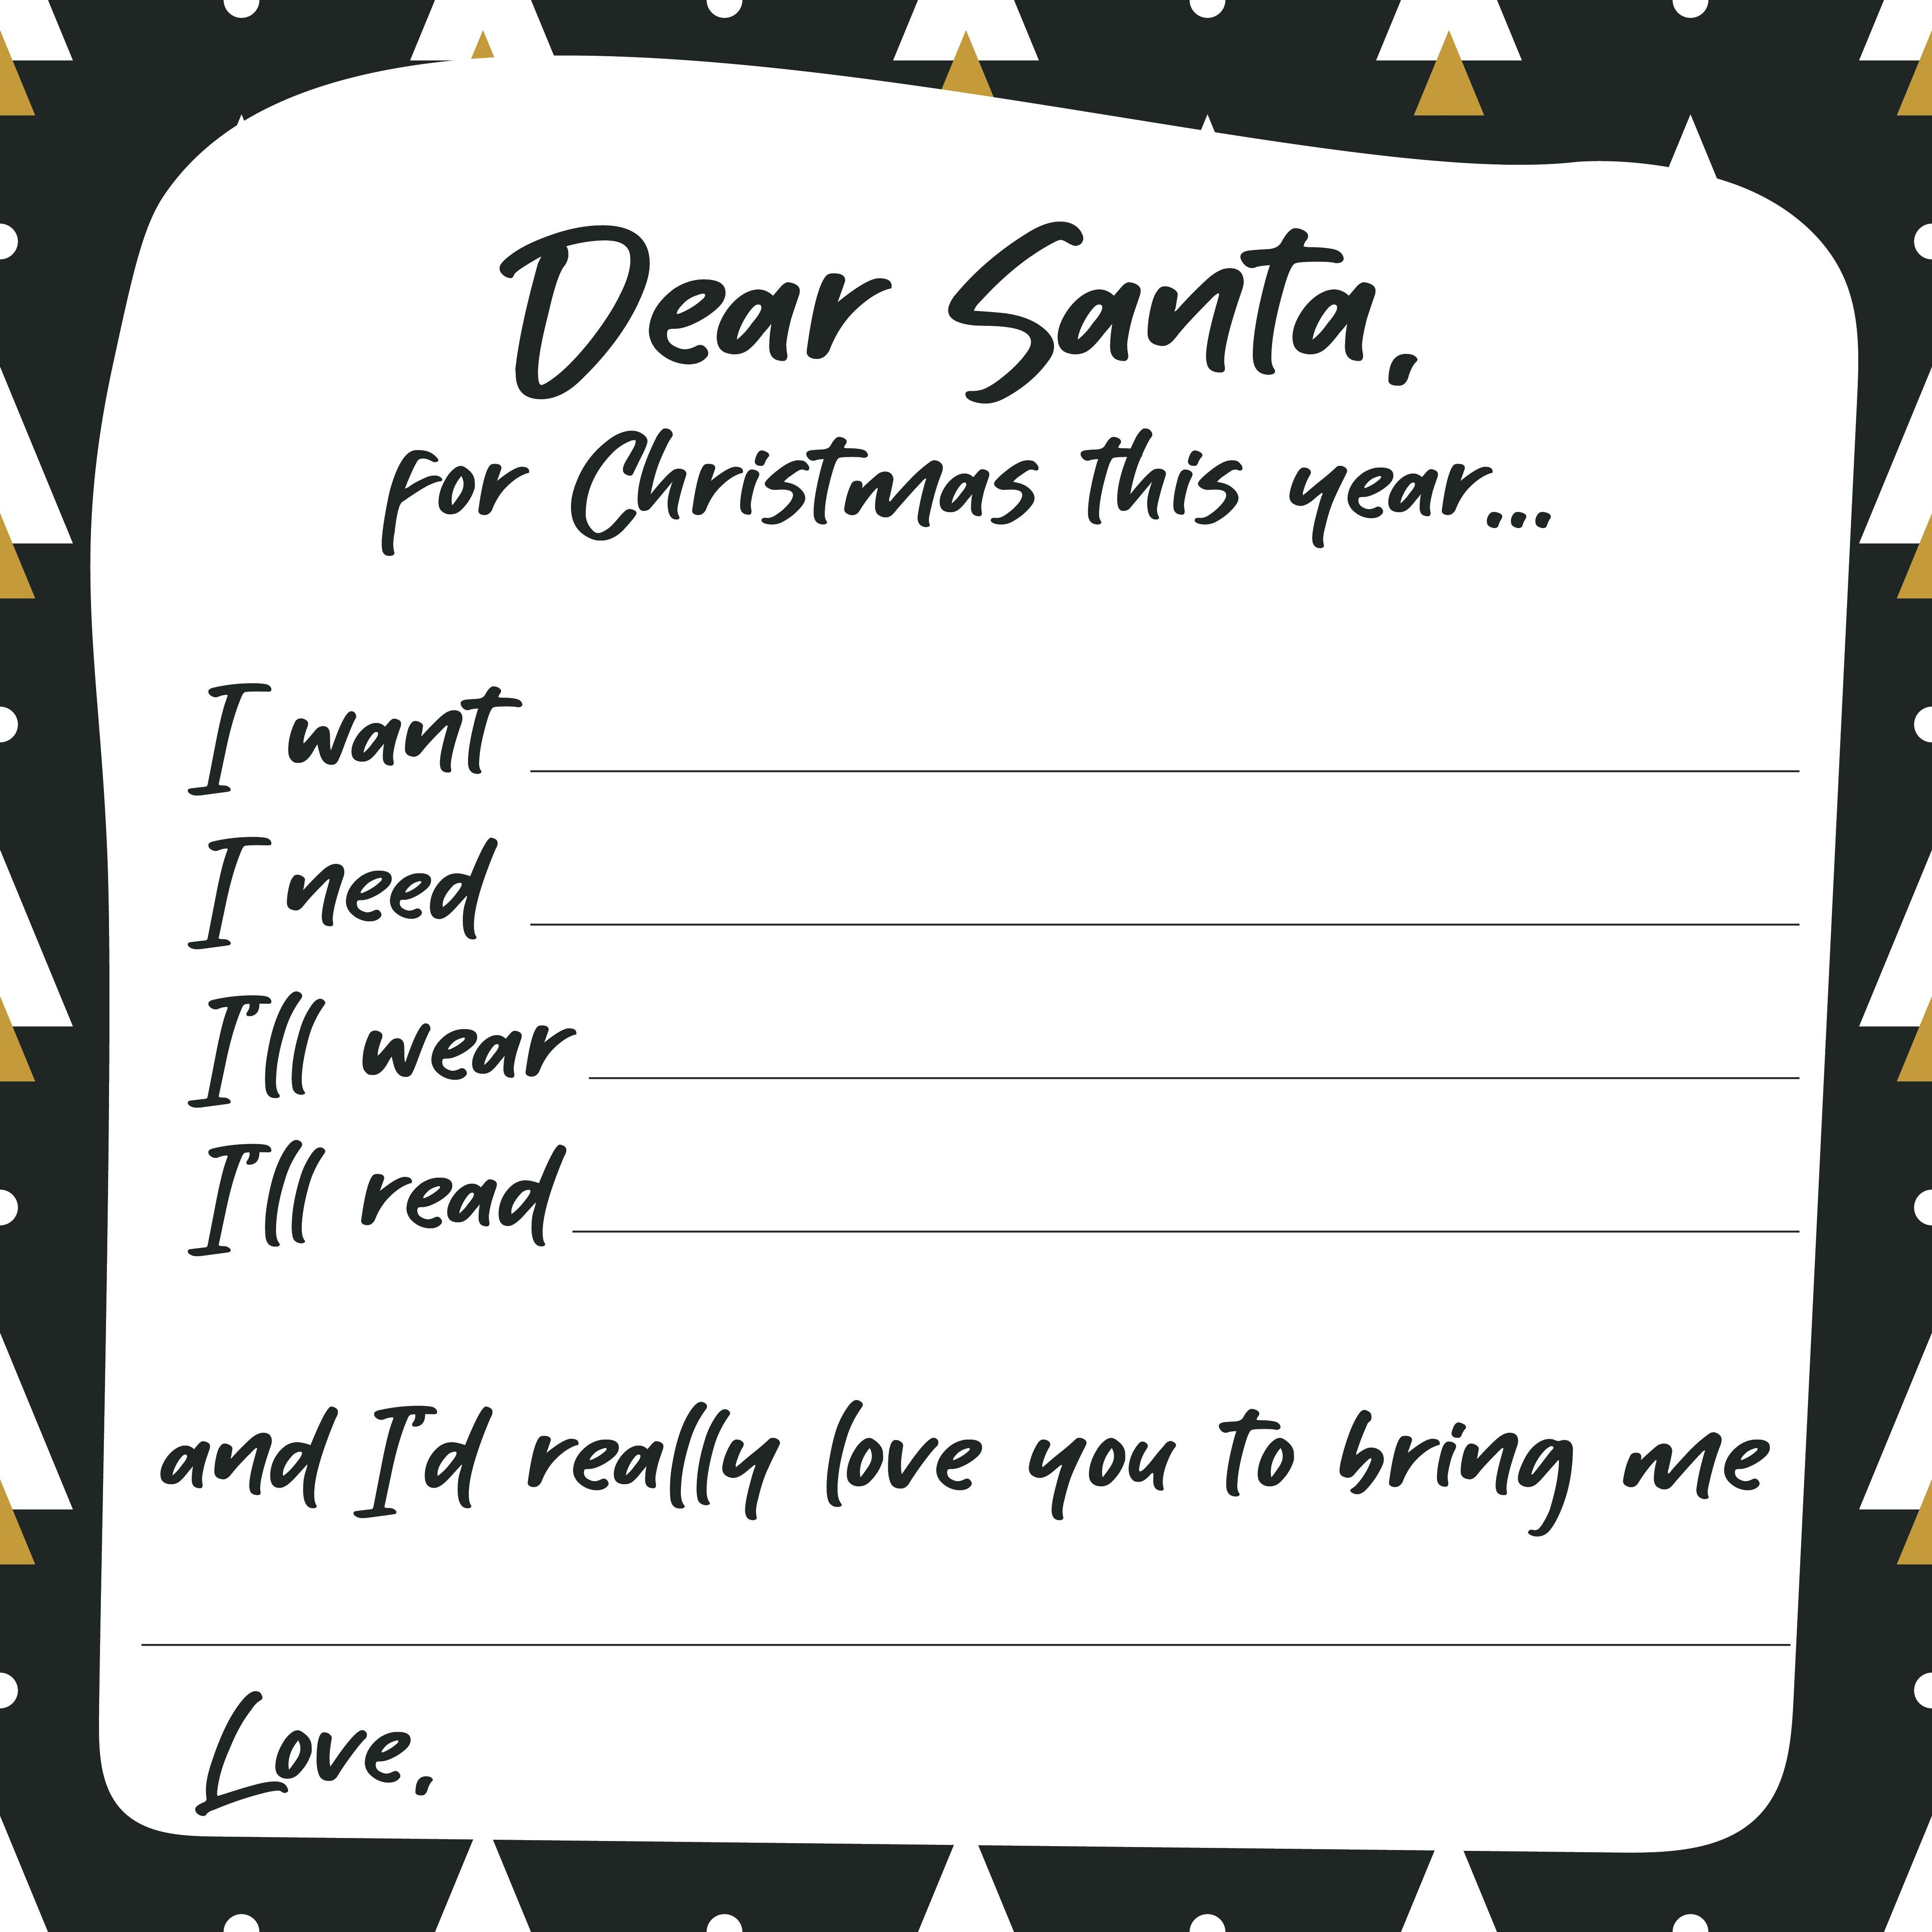 Printable Christmas Wish List Ideas.Christmas Wish List Template Make A Christmas List I Made A